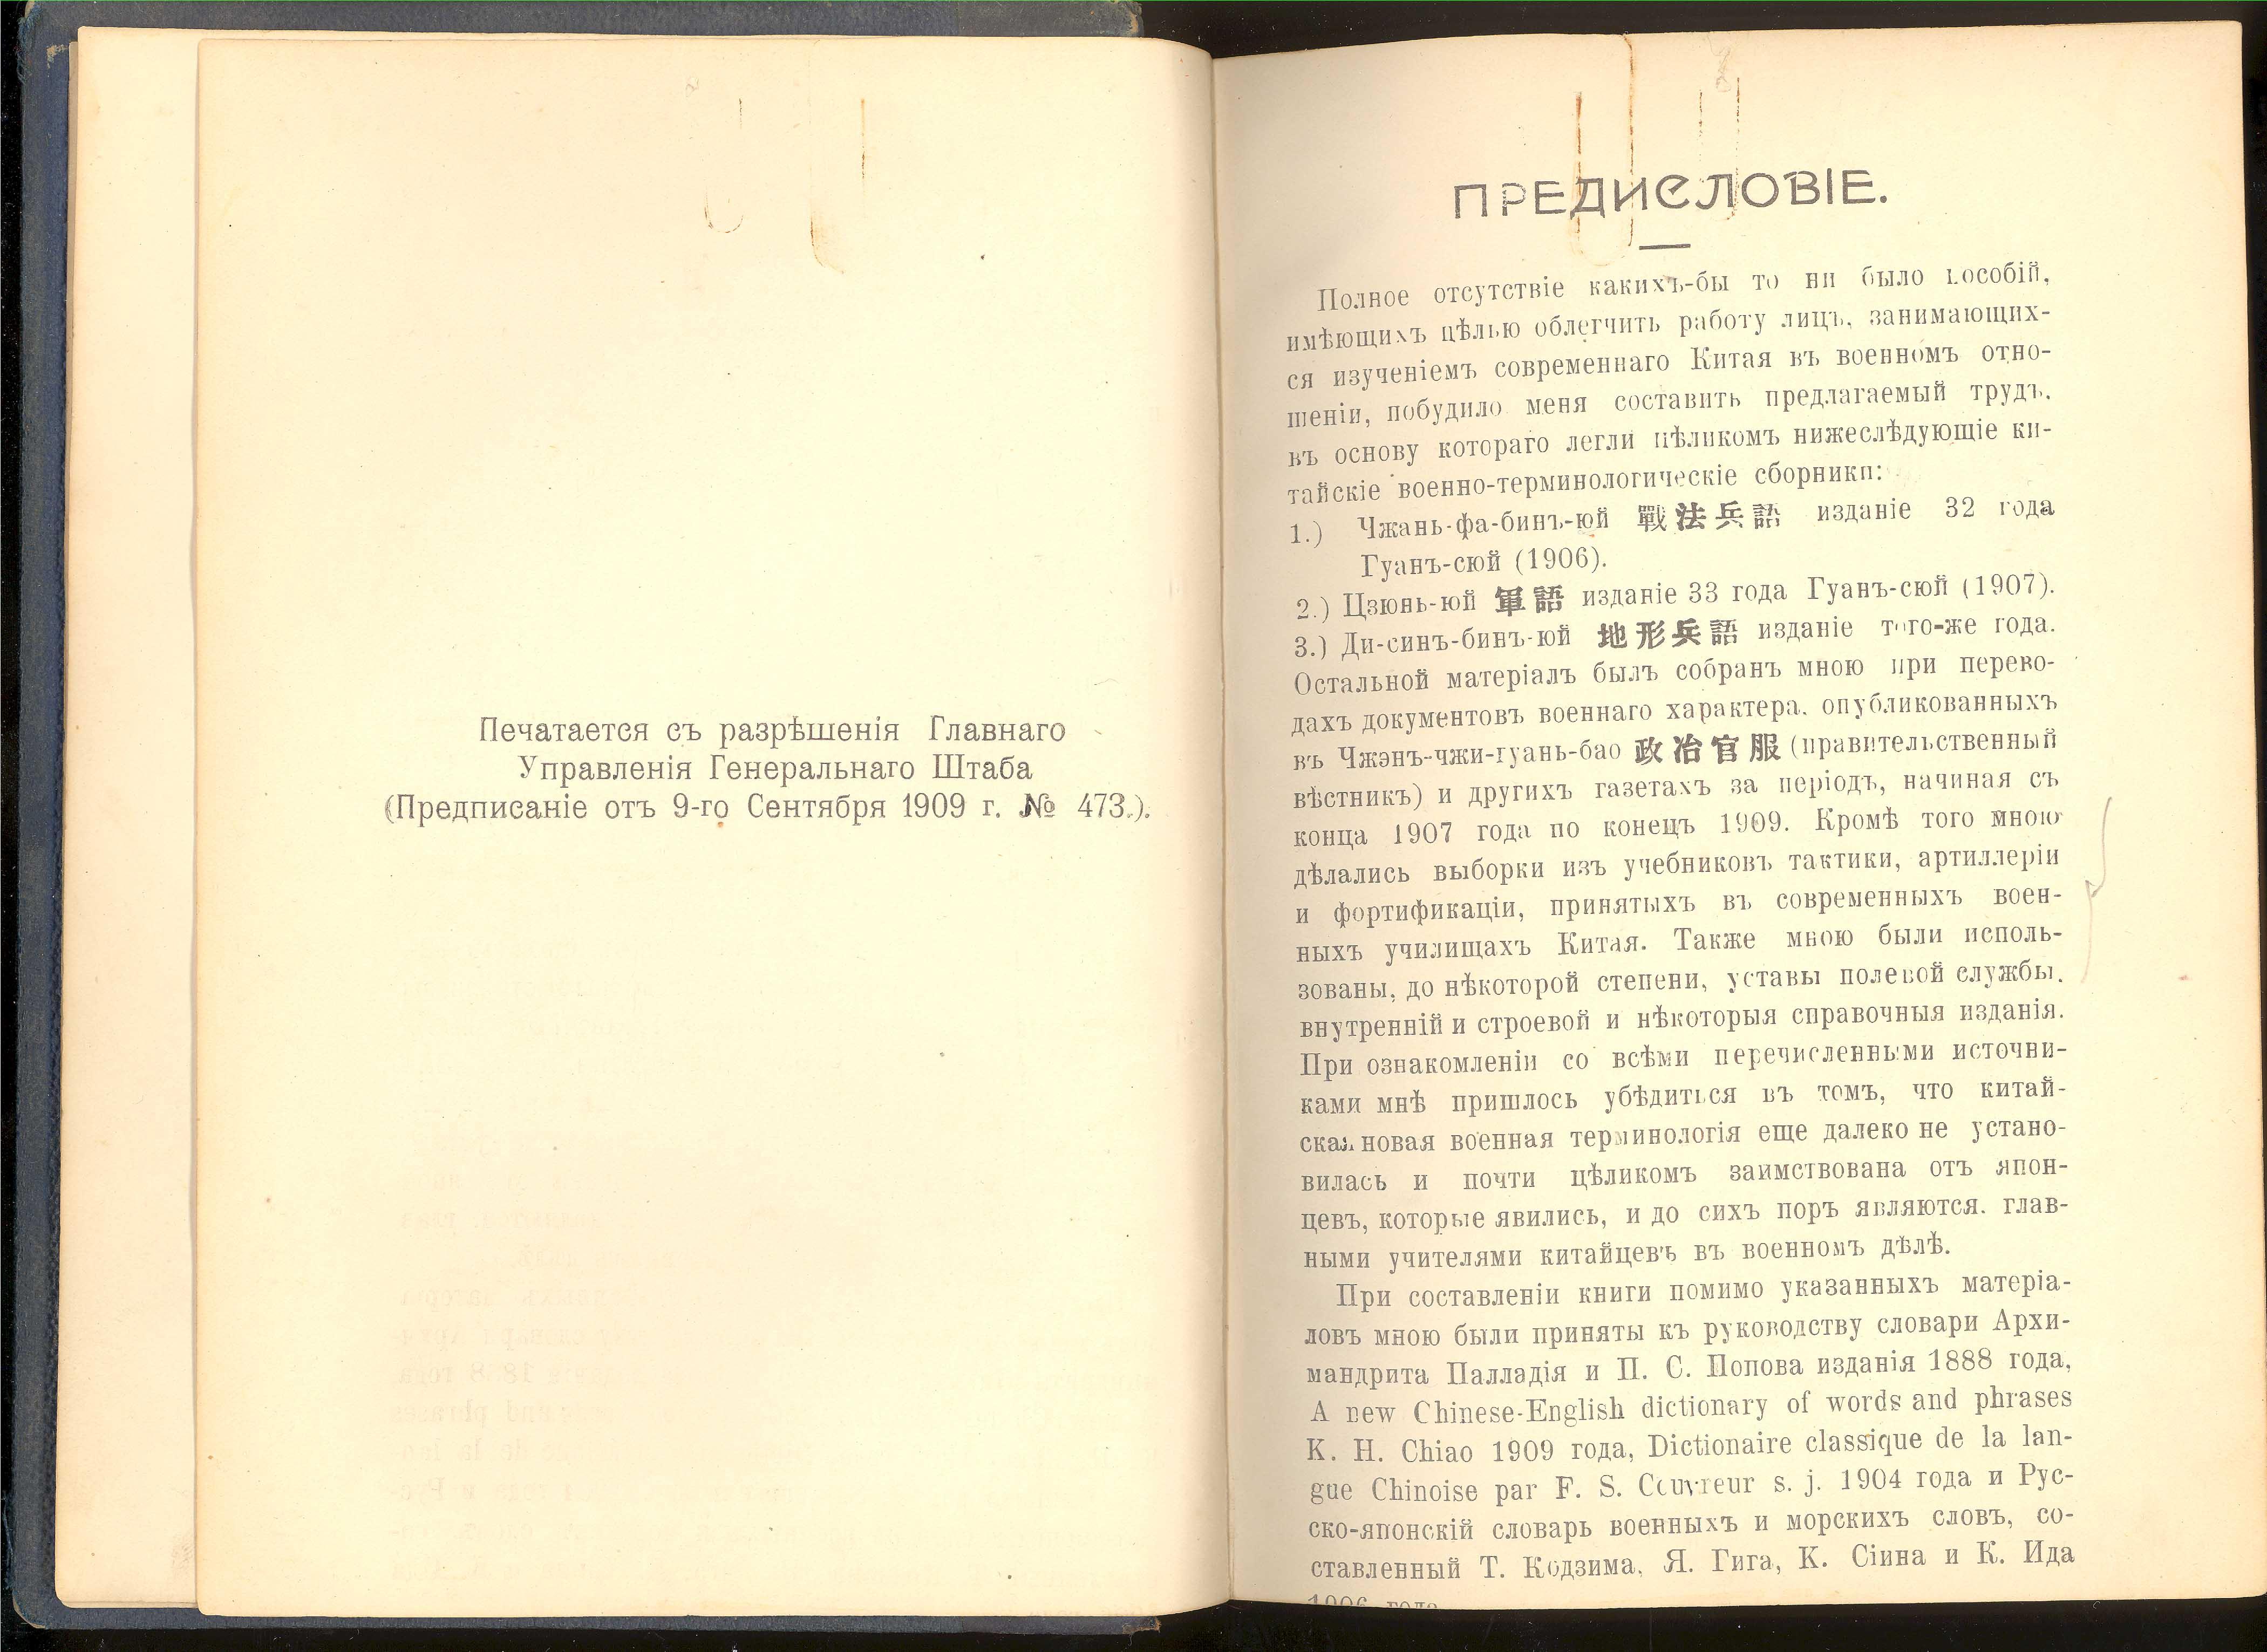 Словарь морских терминов книга